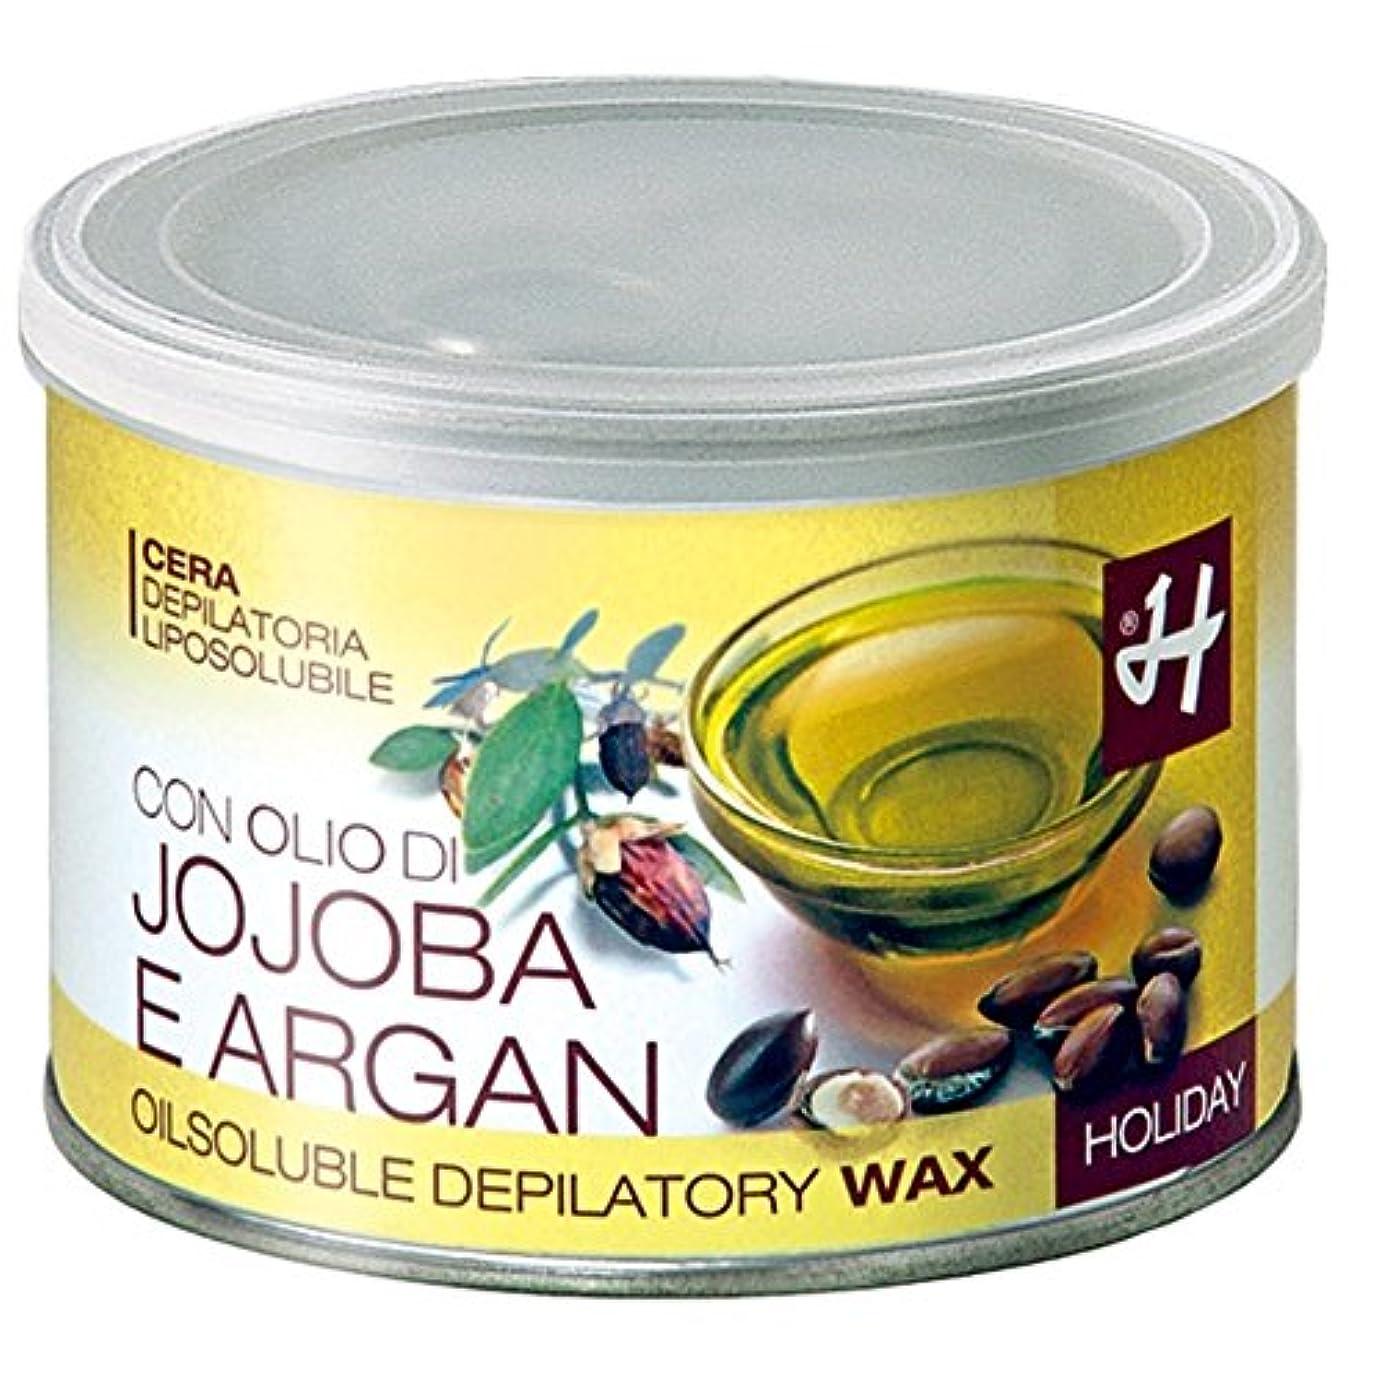 思春期のボール想像するHOLIDAY JAPAN (ホリデイジャパン) ホホバ&アルガンオイル?エレメンツ ロジンフリーワックス 400ml イタリア製 ブラジリアンワックス WAX